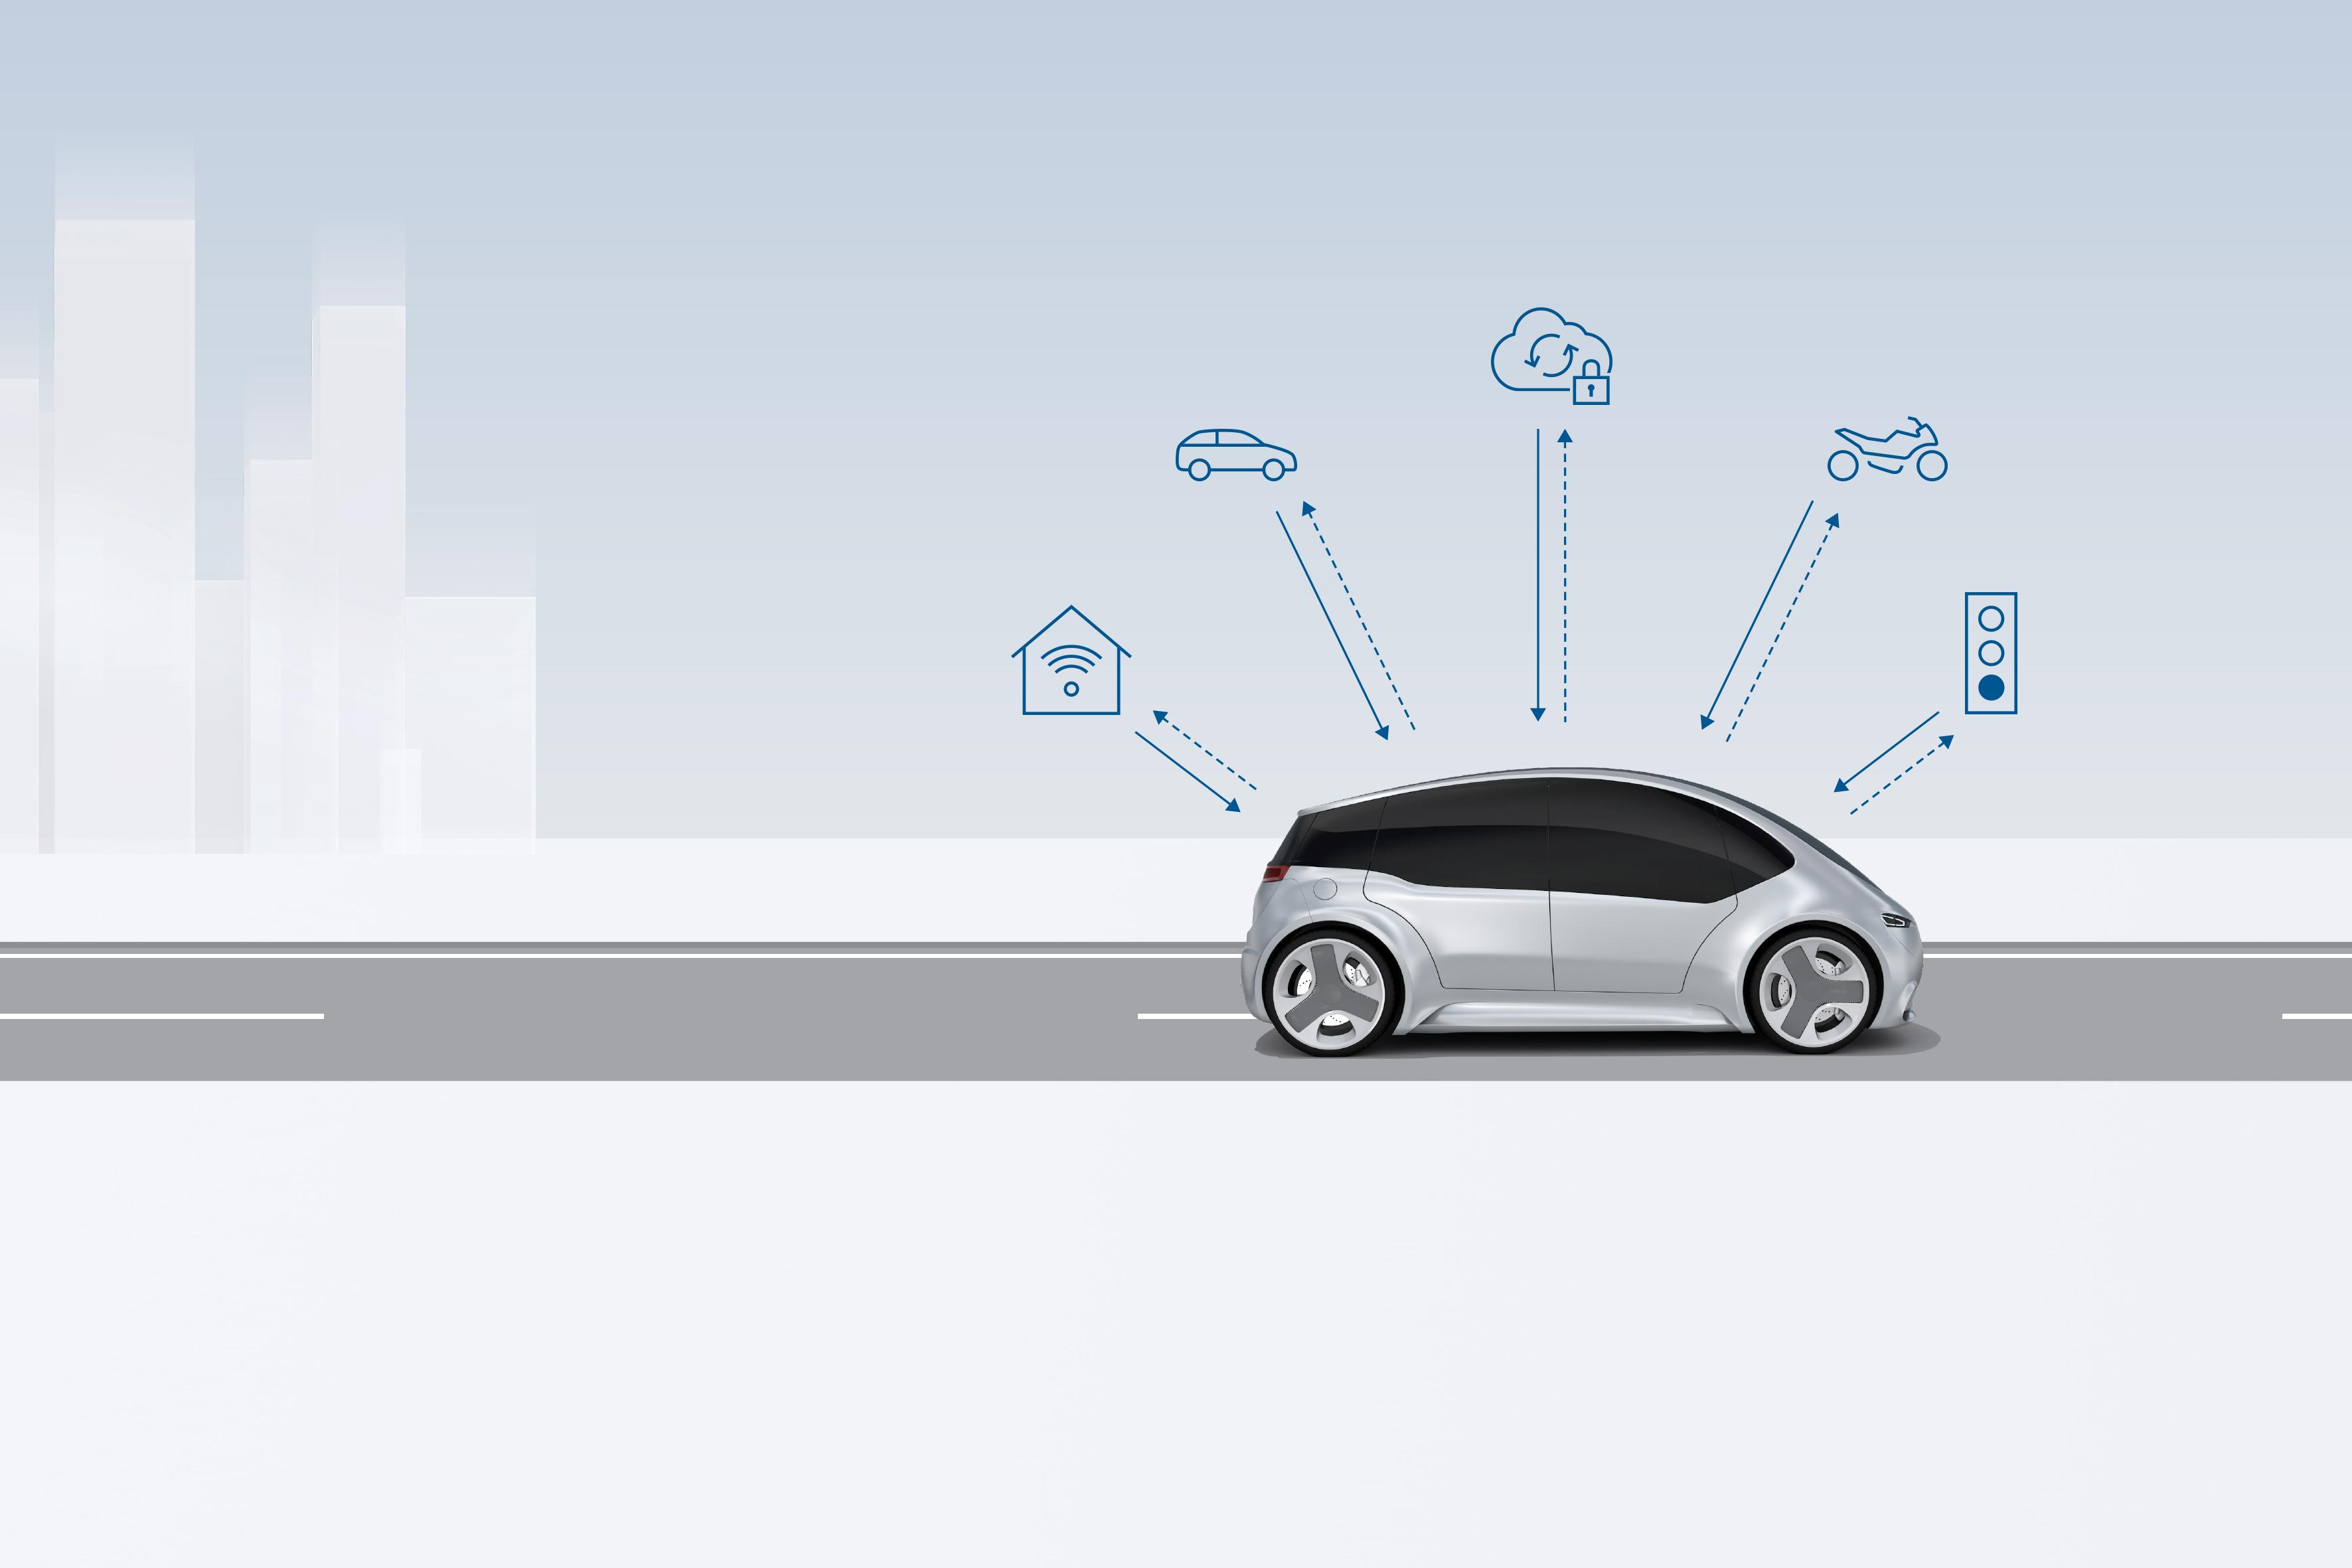 """Upozornění v kritických situacích skrze komunikaci """"vehicle-to-x"""" od společnosti Bosch"""